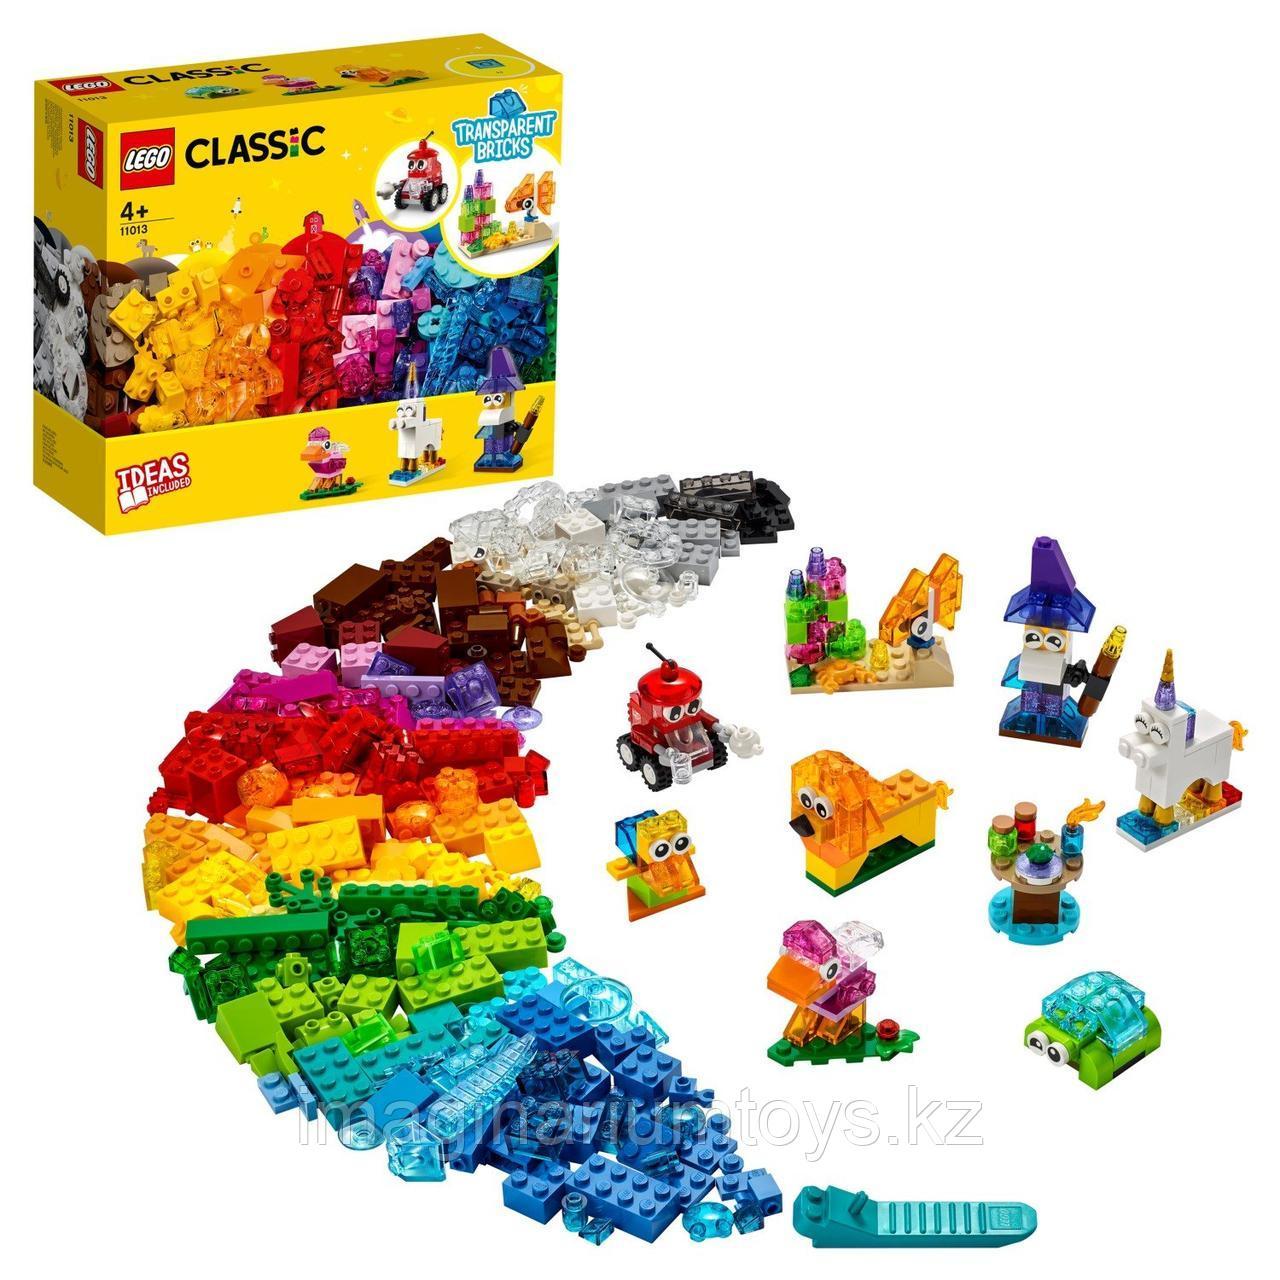 Детский конструктор LEGO Classic Прозрачные кубики 11013